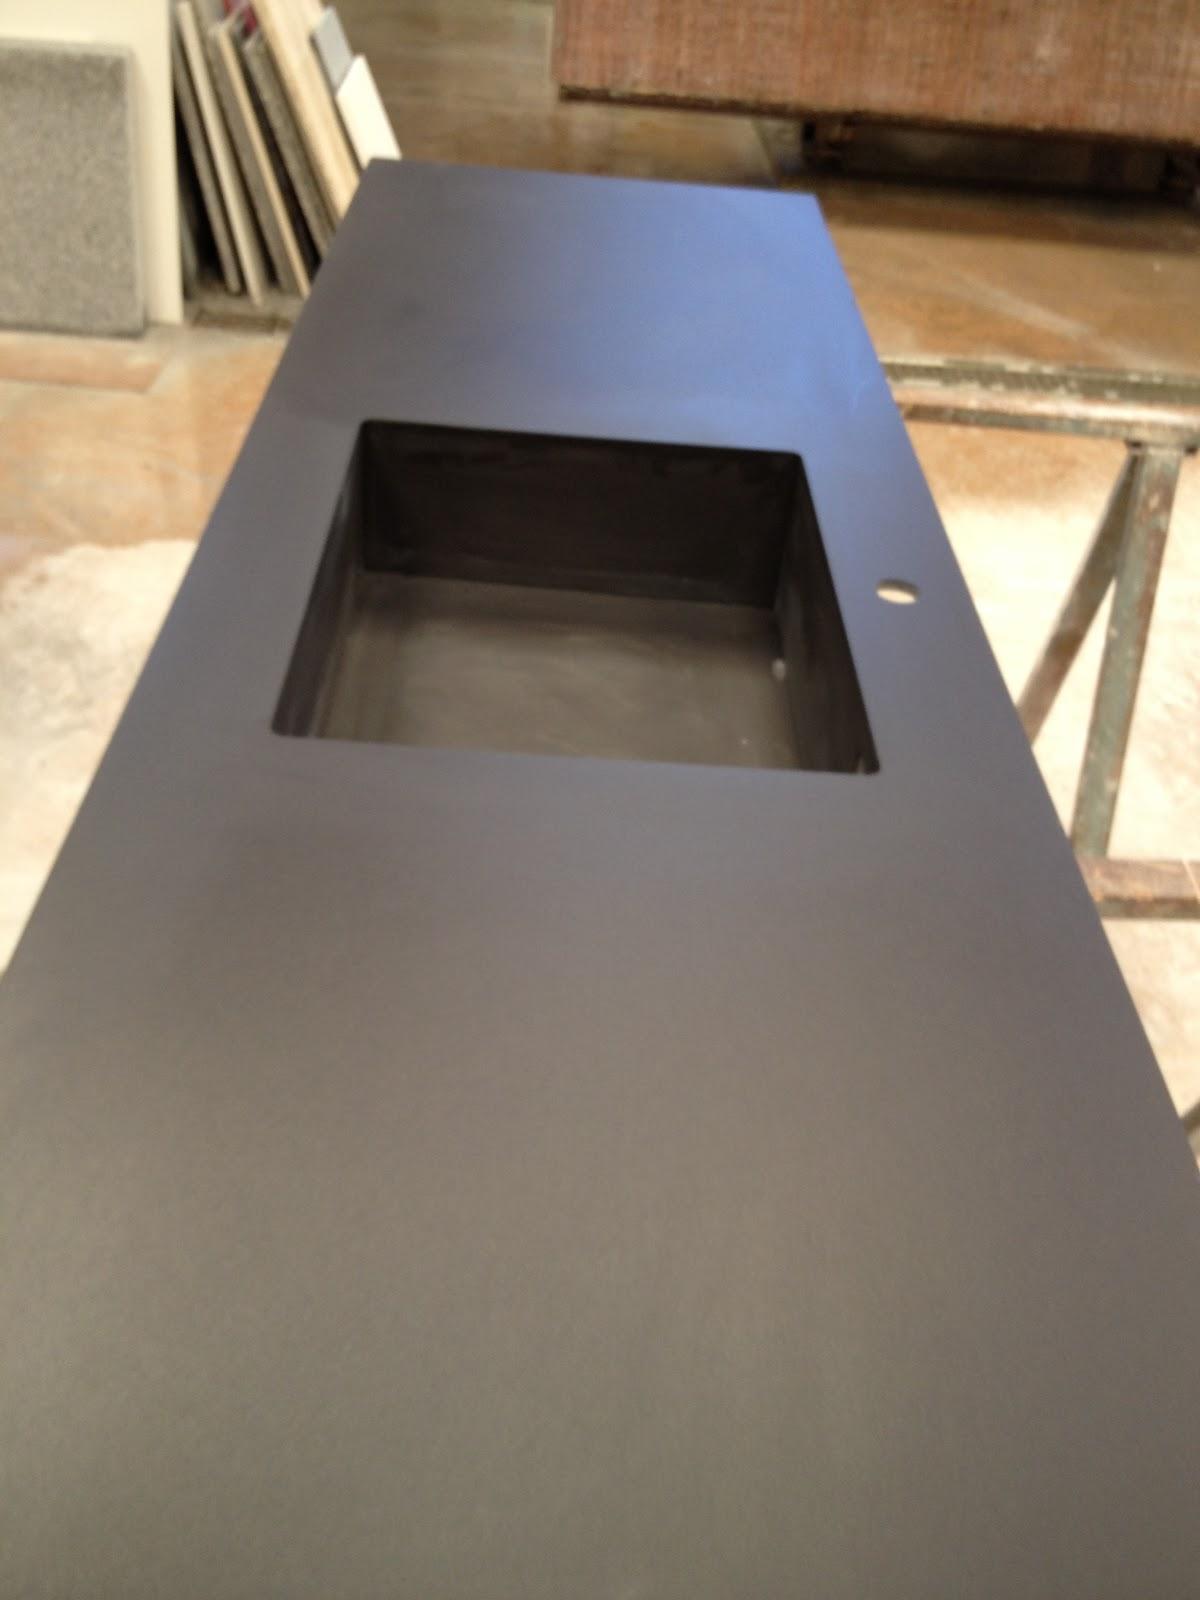 este nuevo tipo de material para encimeras tiene una gran resistencia al calor y al rayado siempre como el primer da